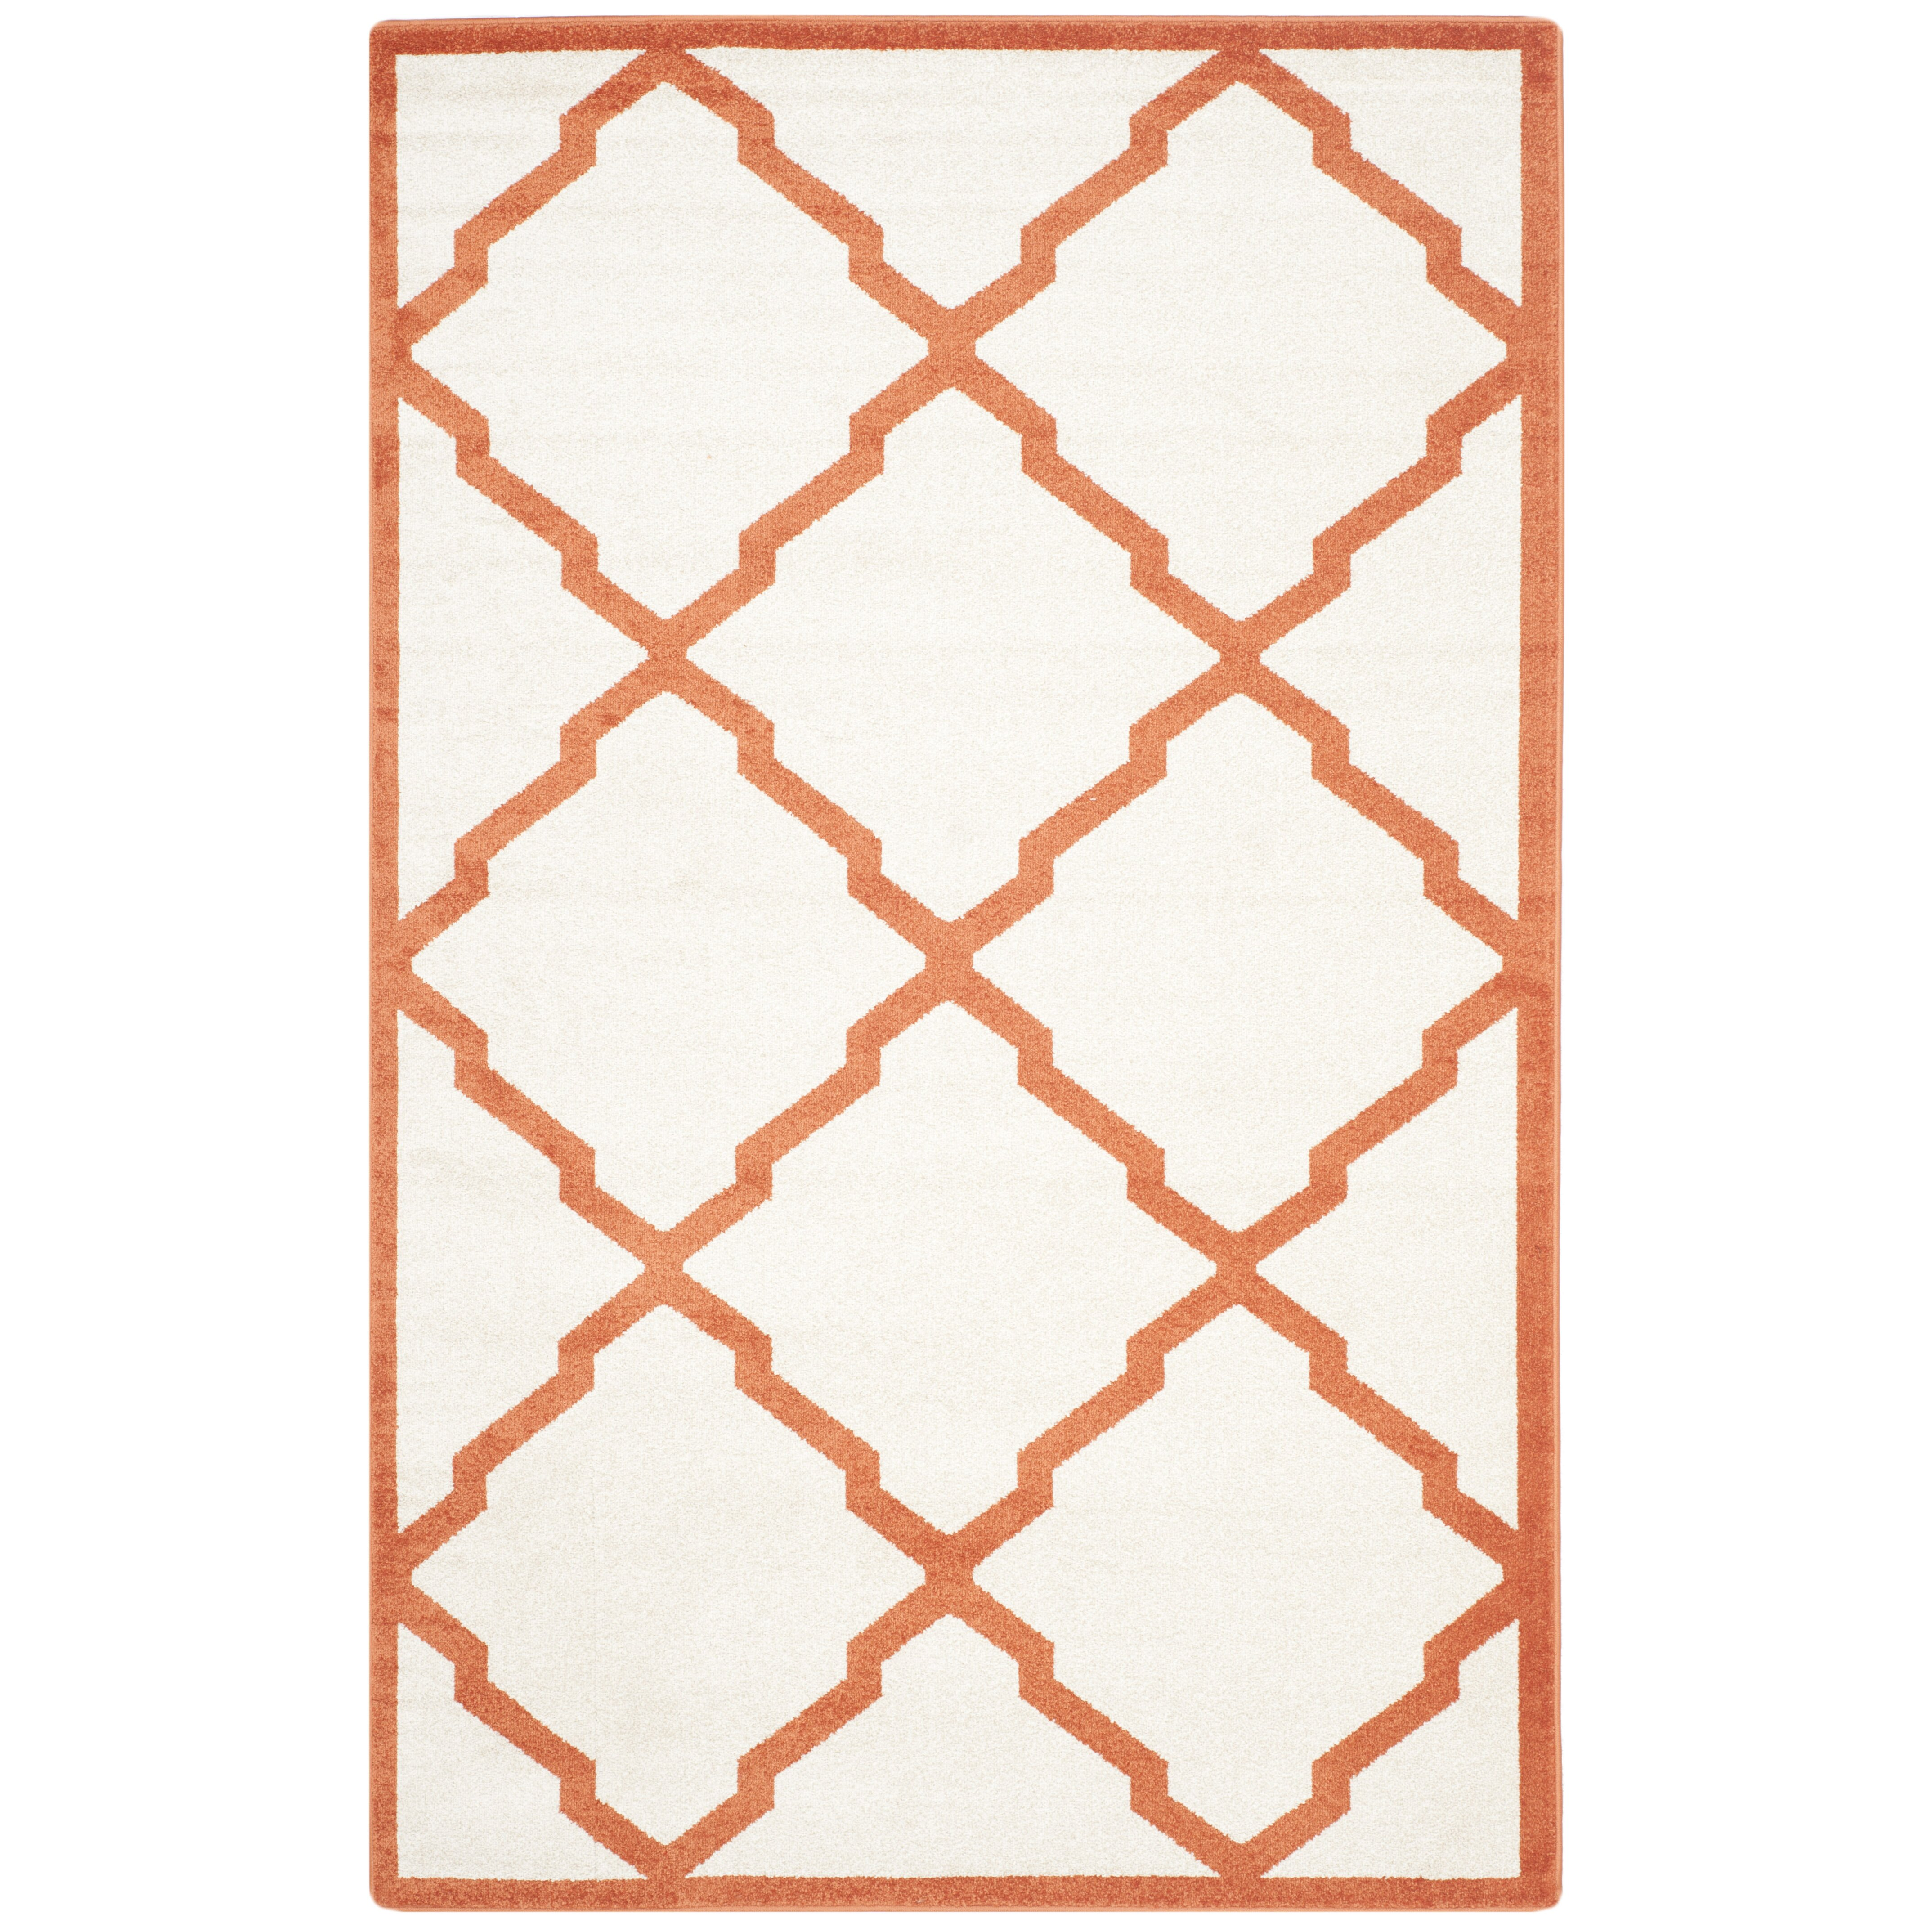 Amherst Beige Orange Indoor Outdoor Area Rug